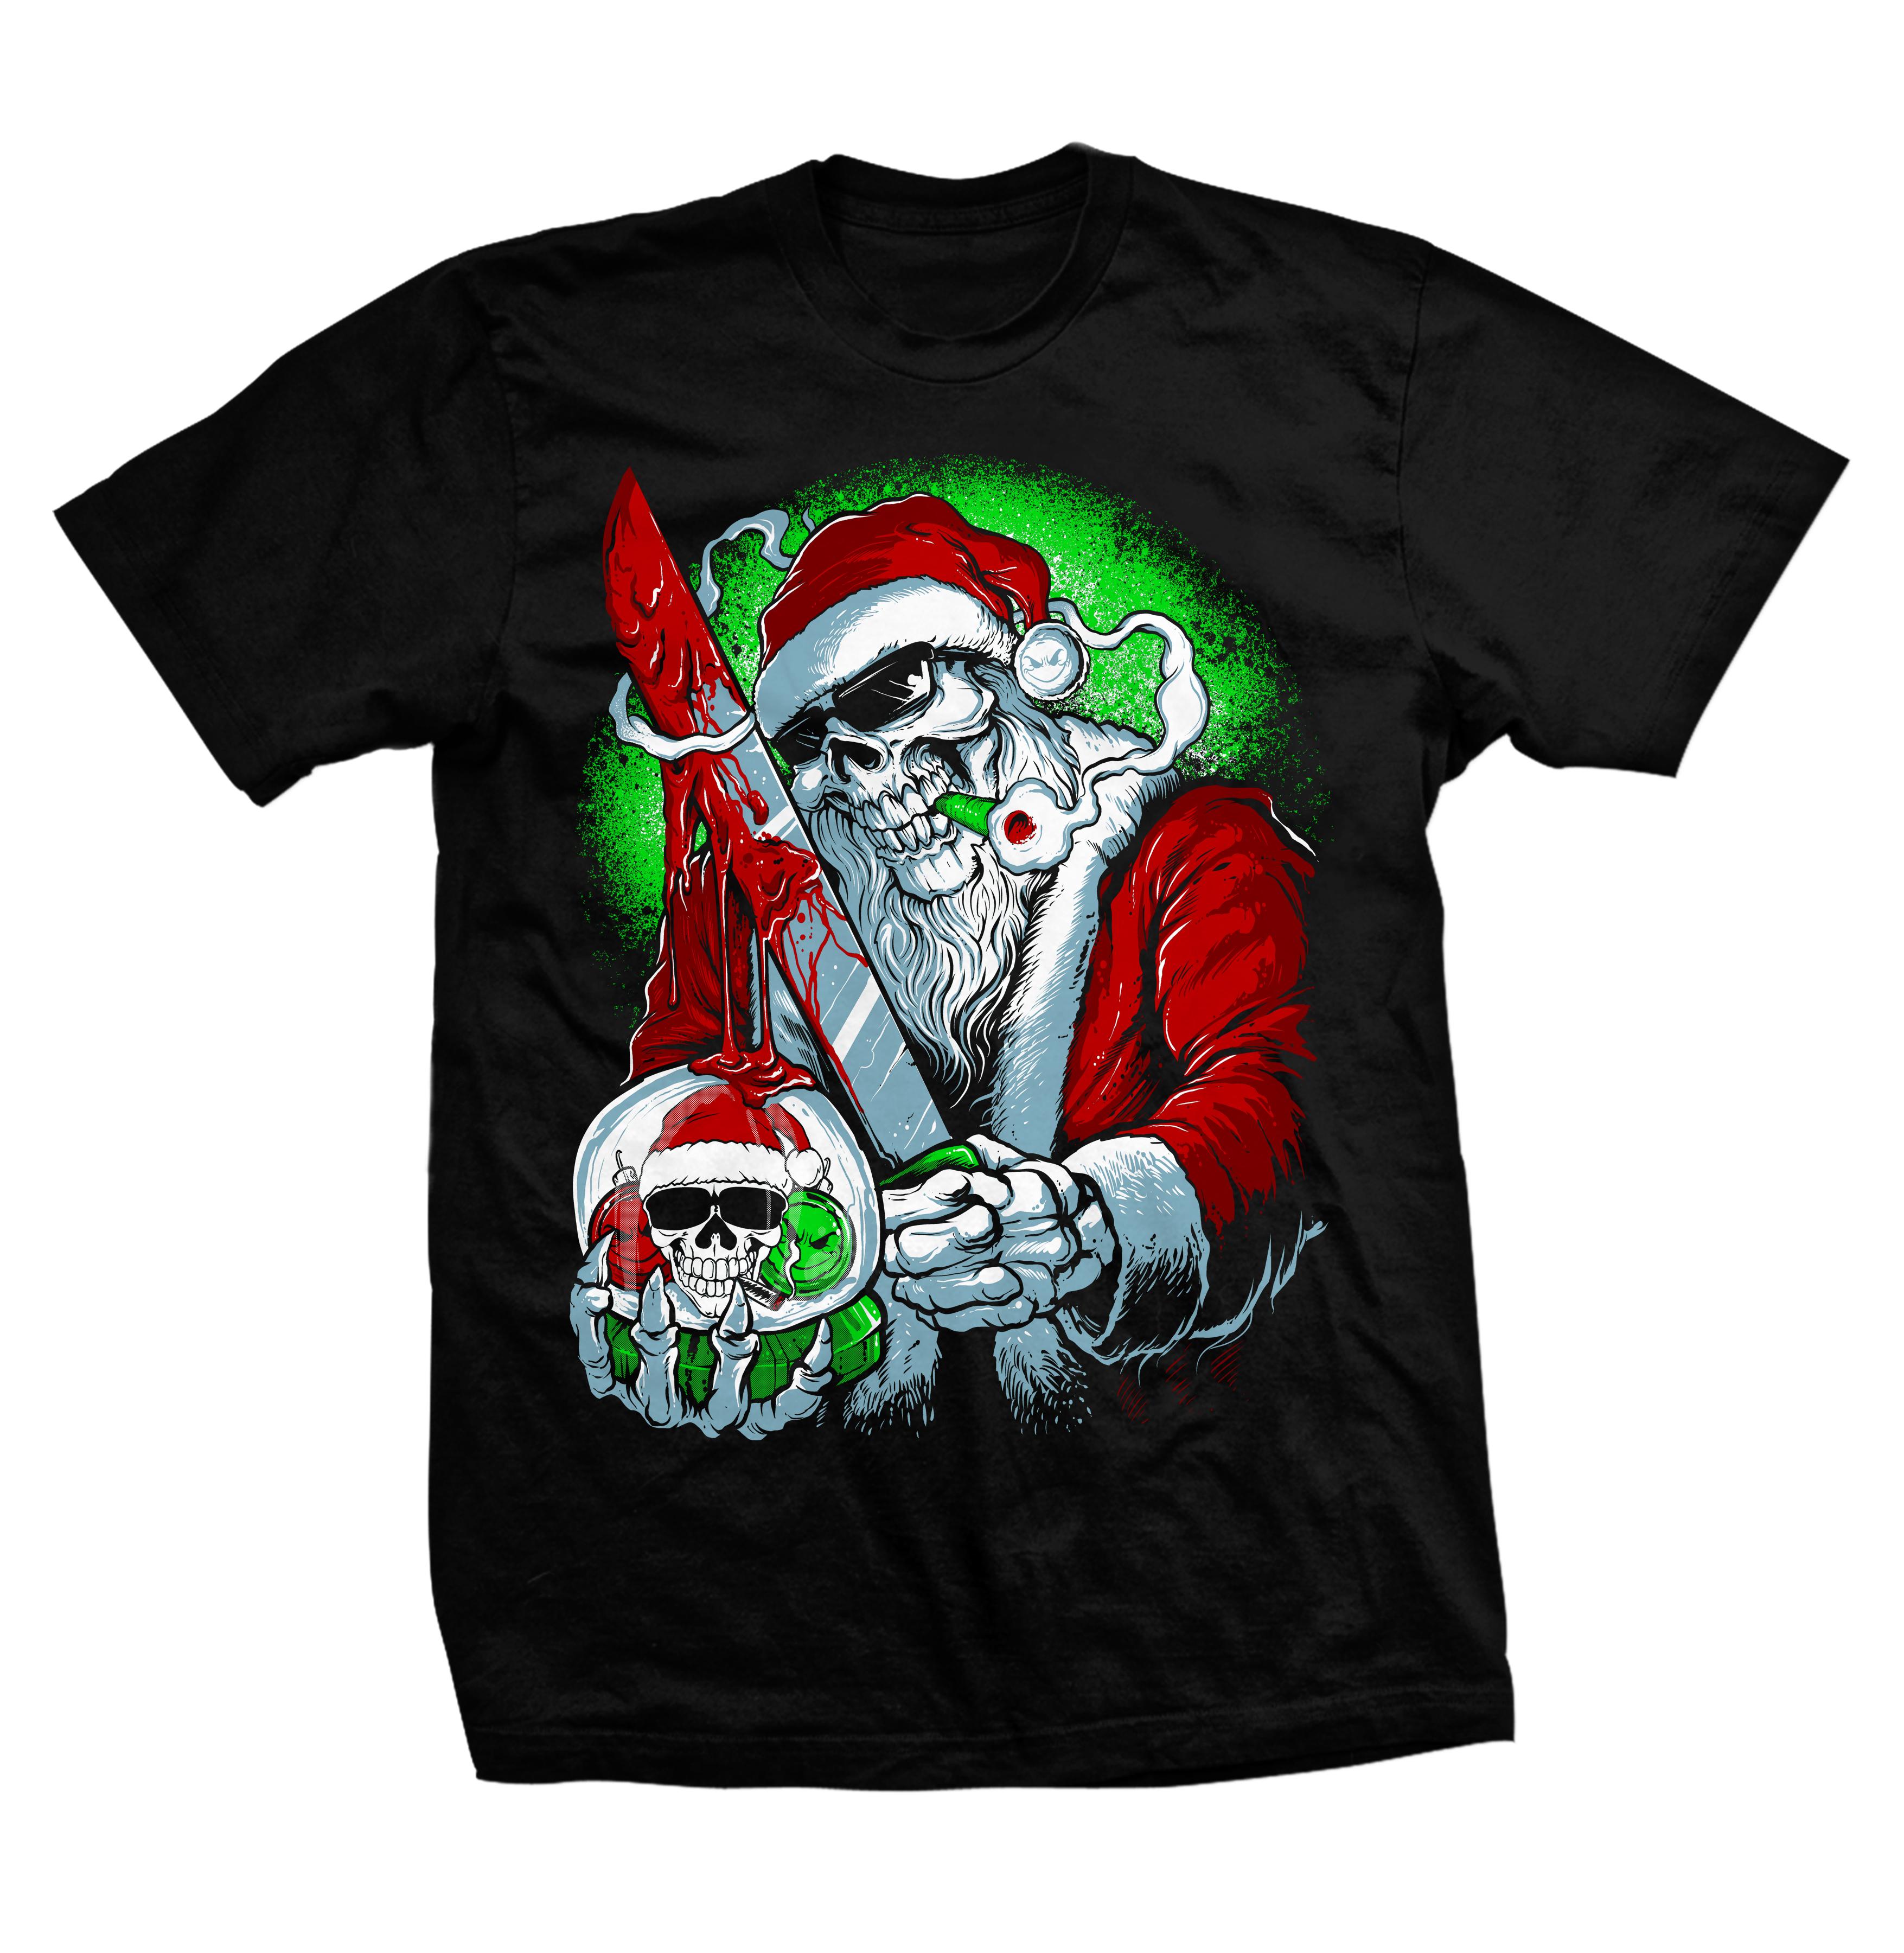 Santa Joe T-shirt